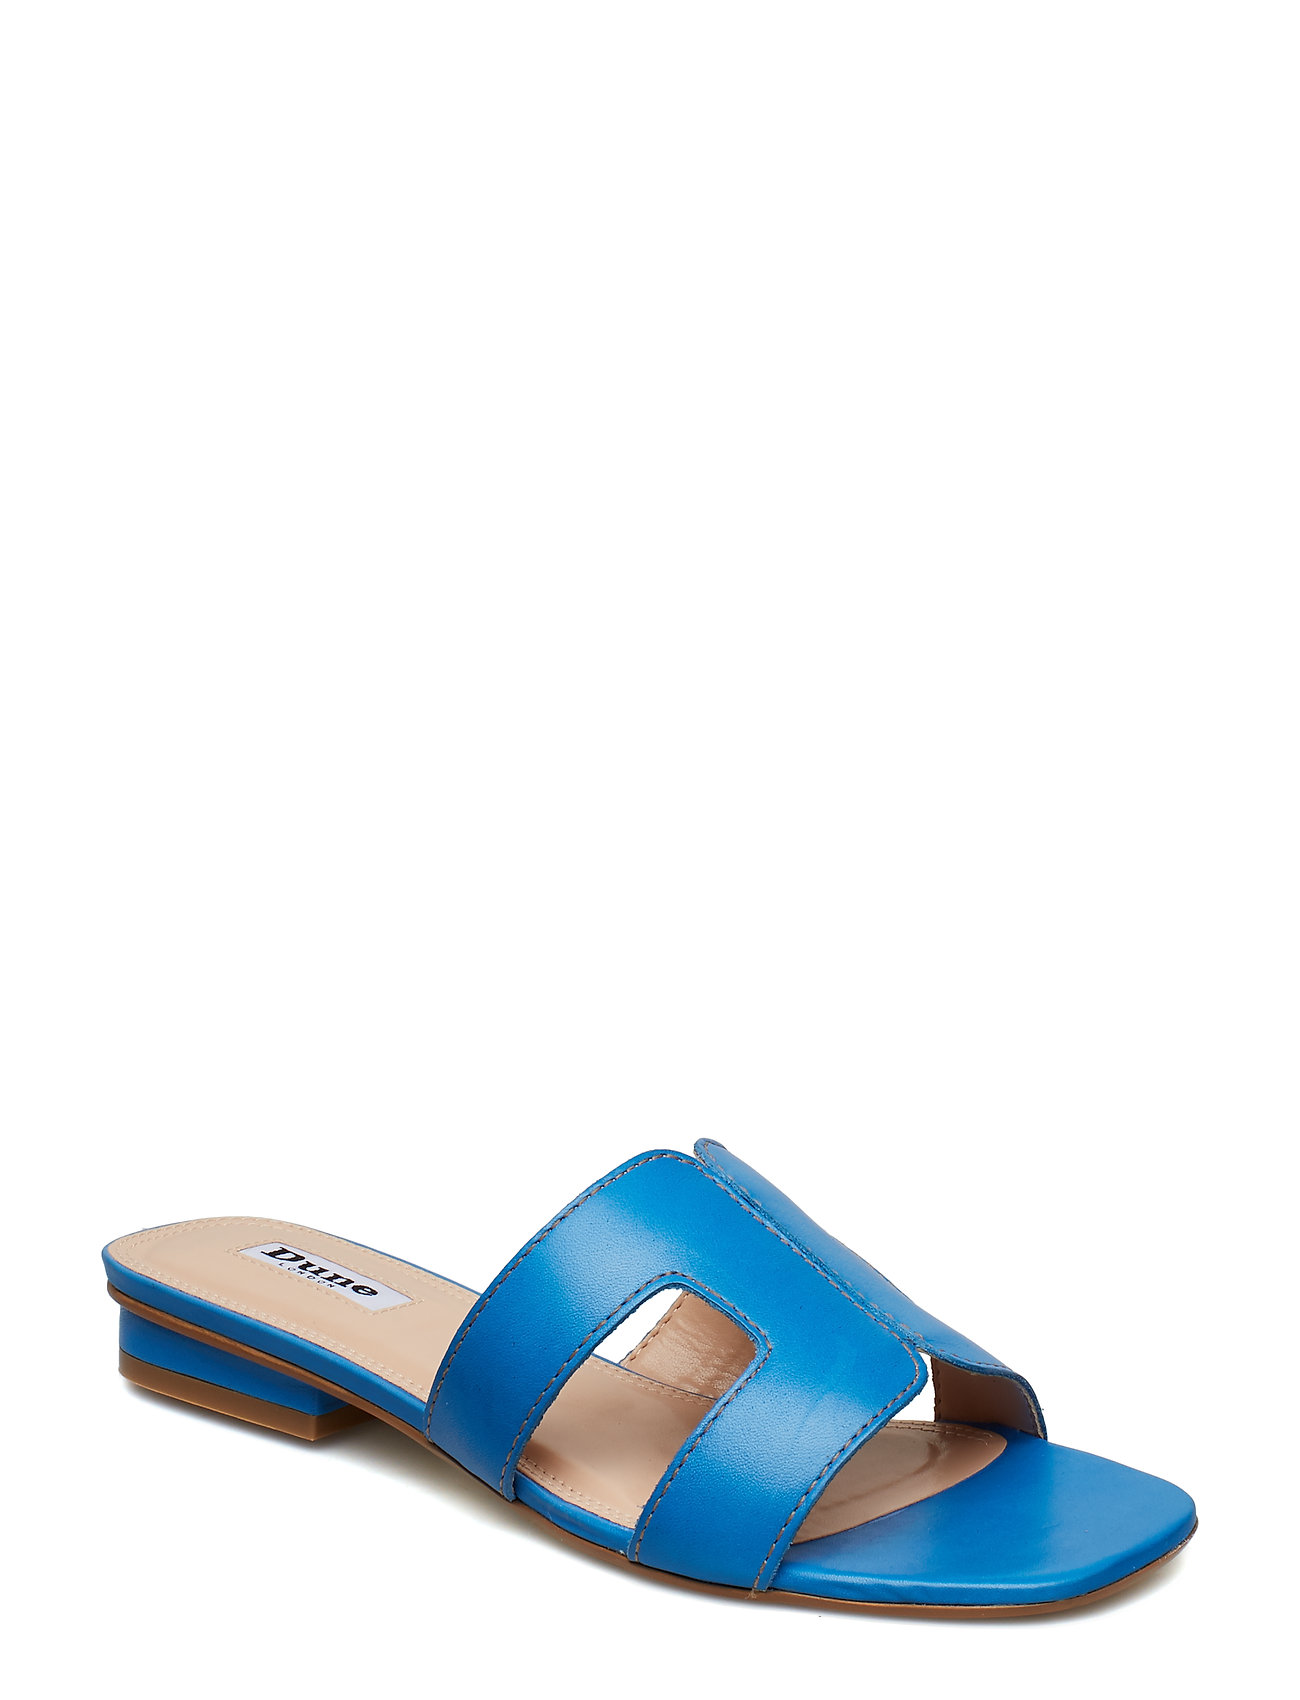 d0af1f0d8420 Hvid Dune London Loupe flade sandaler for dame - Pashion.dk